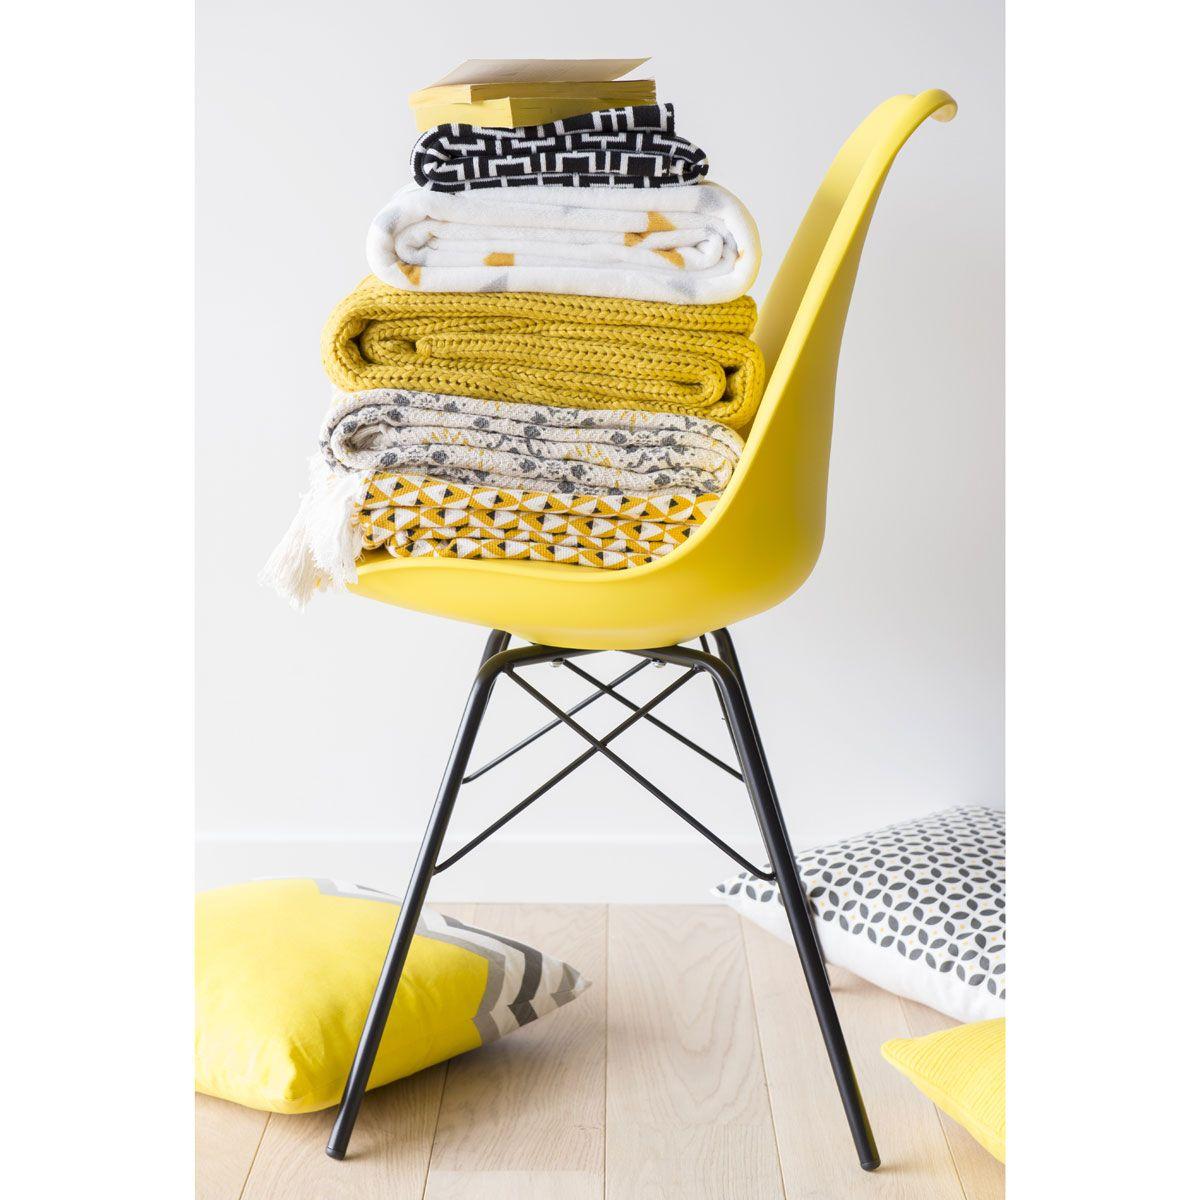 chaise en polypropyl ne et m tal jaune coventry maisons du monde id es salon surf 39 late. Black Bedroom Furniture Sets. Home Design Ideas